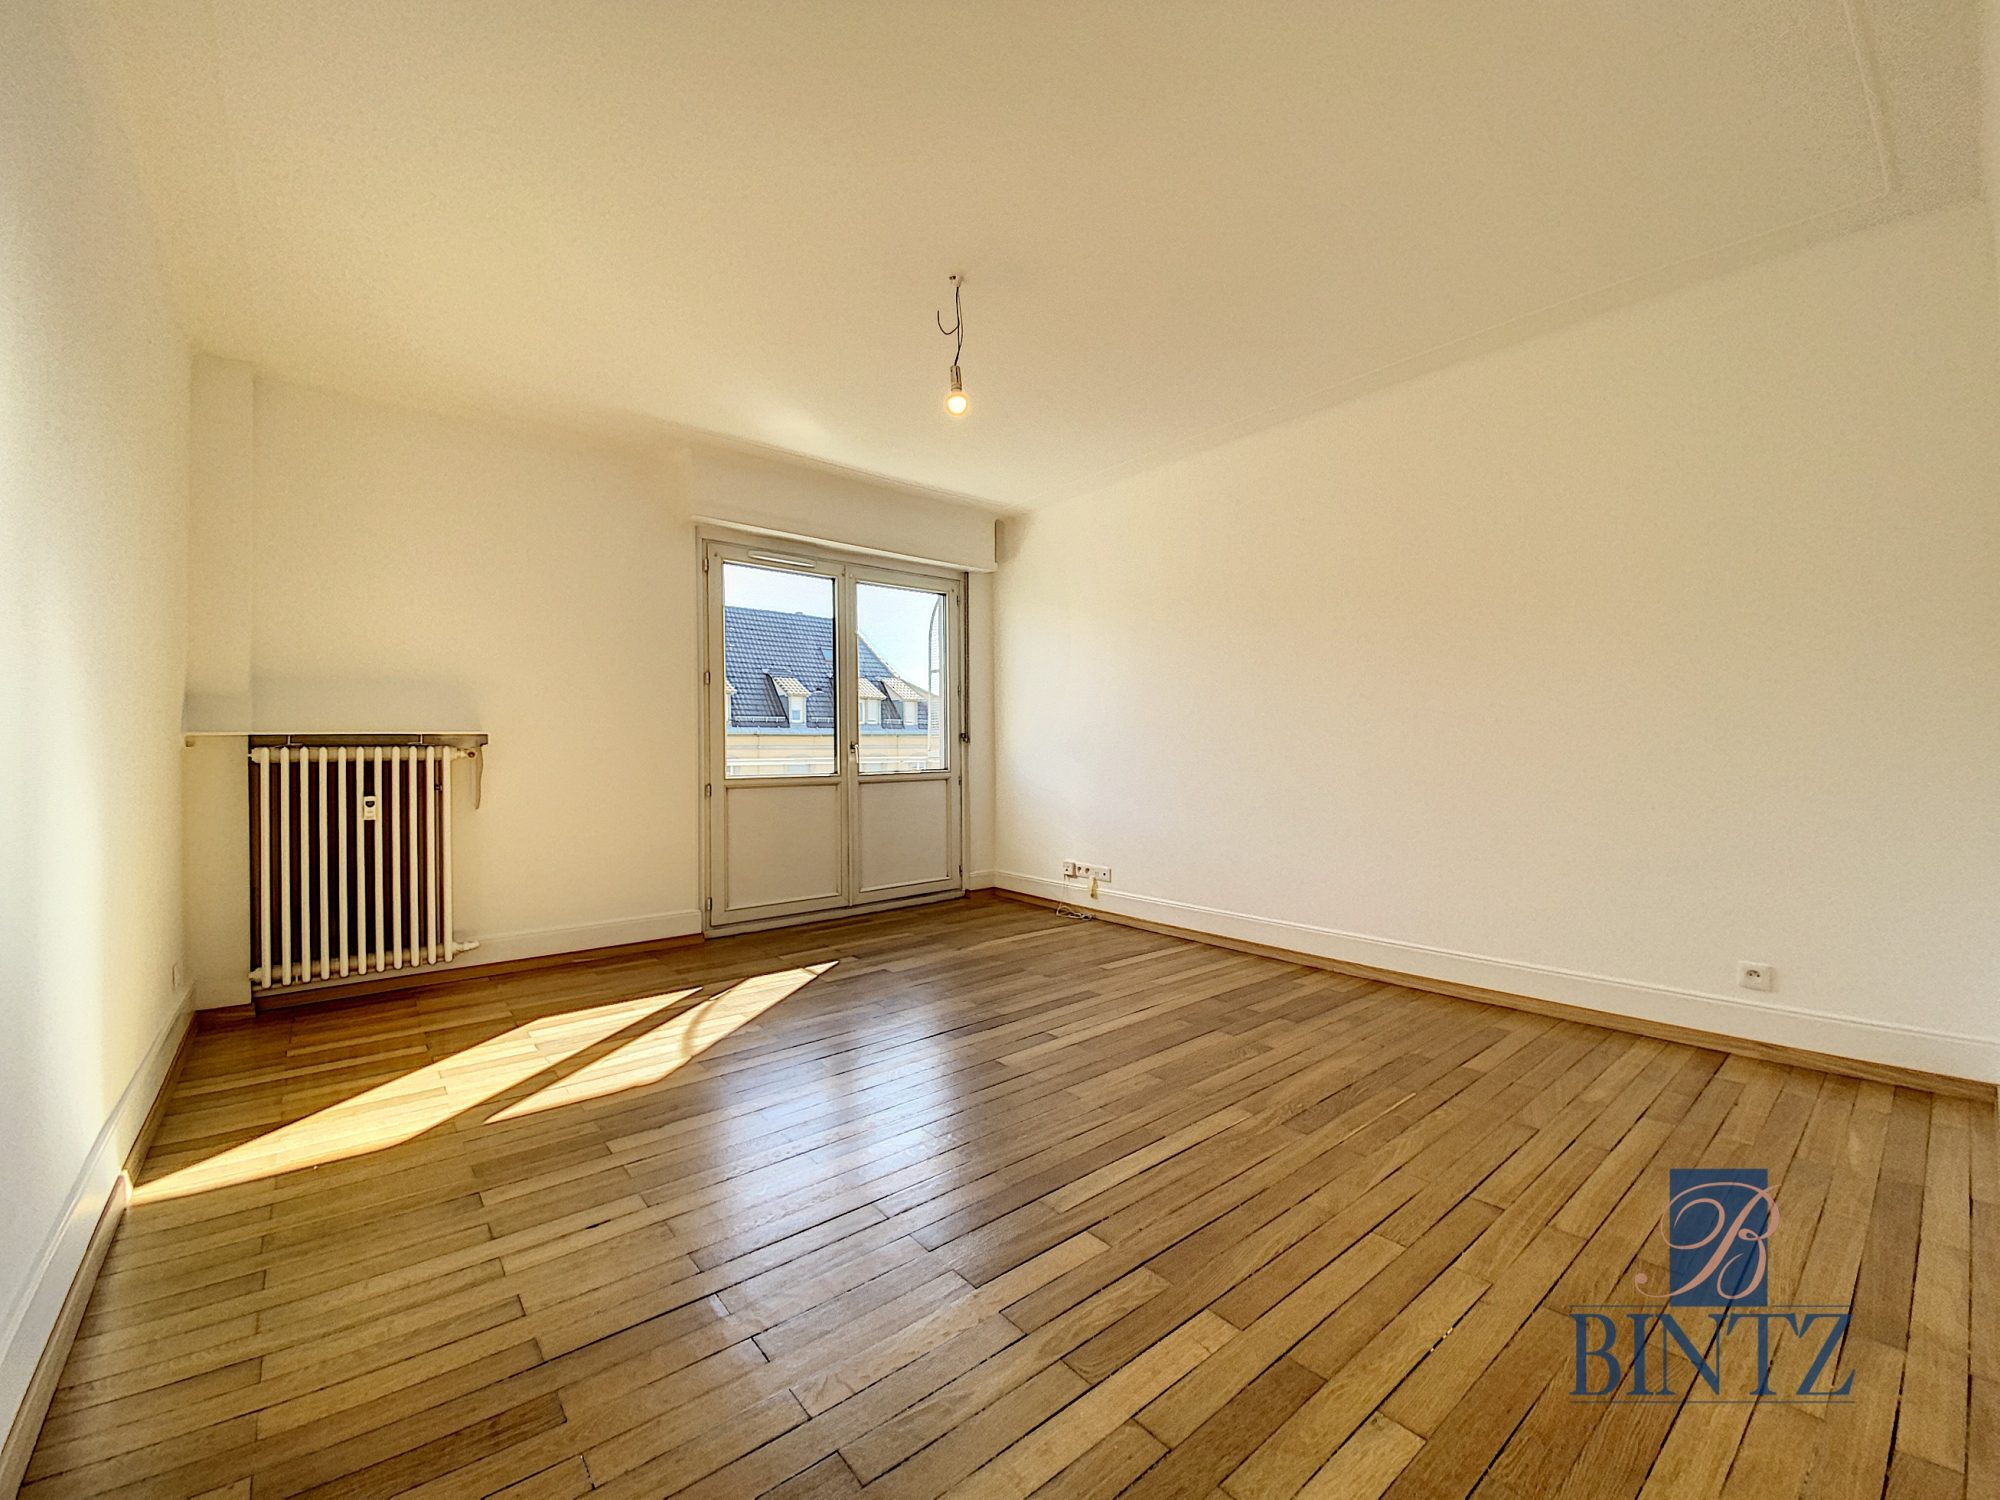 2 PIECES REFAIT A NEUF - Devenez locataire en toute sérénité - Bintz Immobilier - 13